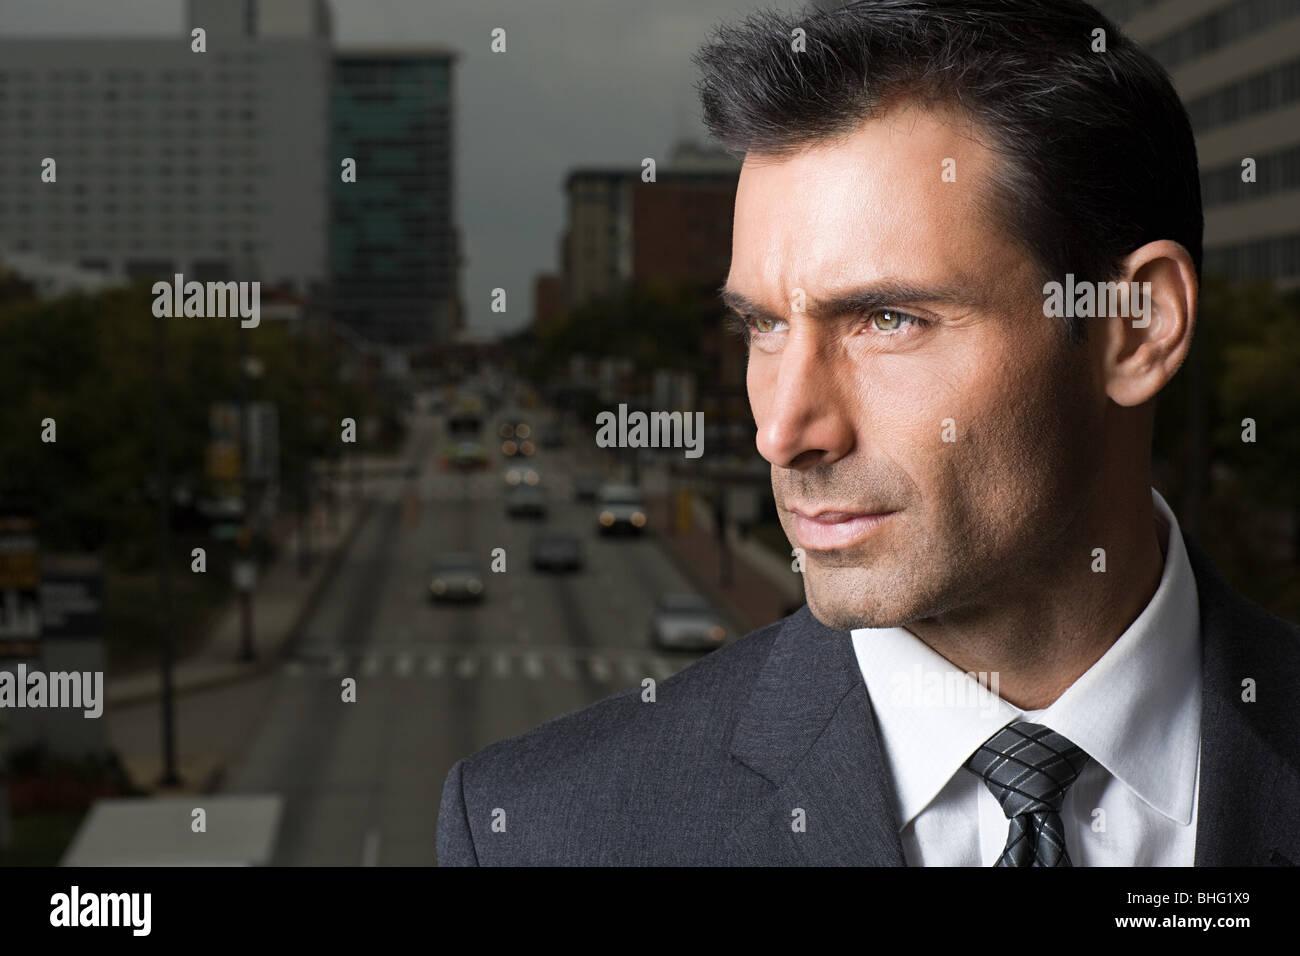 Disparo a la cabeza de un empresario adecuado Imagen De Stock